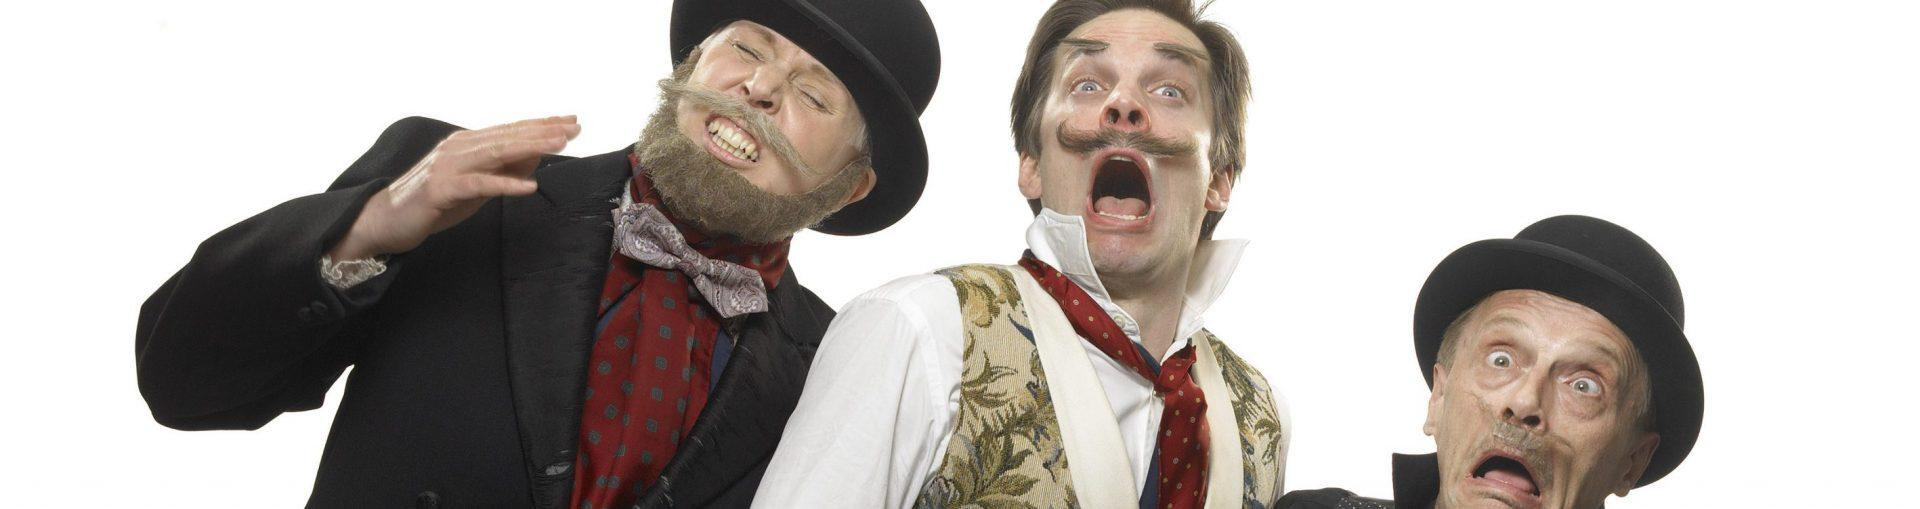 tampreen-teatteri-naytoksen-paakuva